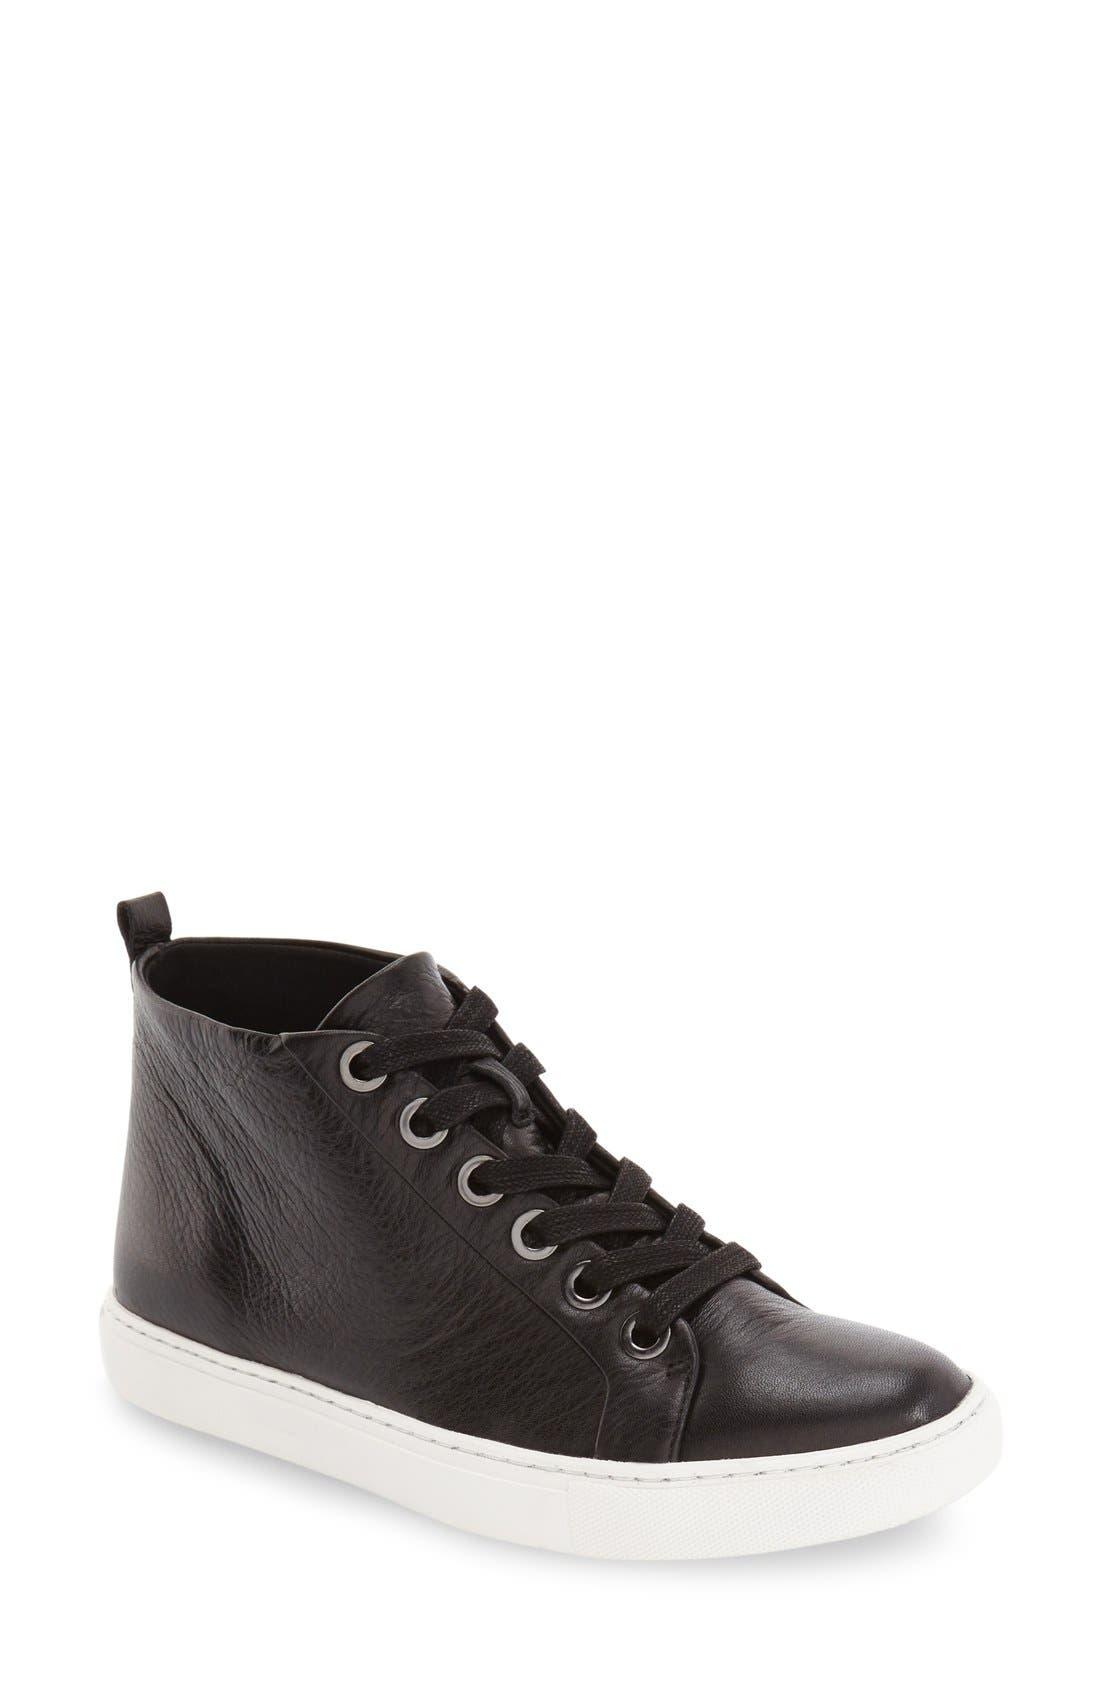 'Kaleb' High Top Sneaker,                         Main,                         color, 001